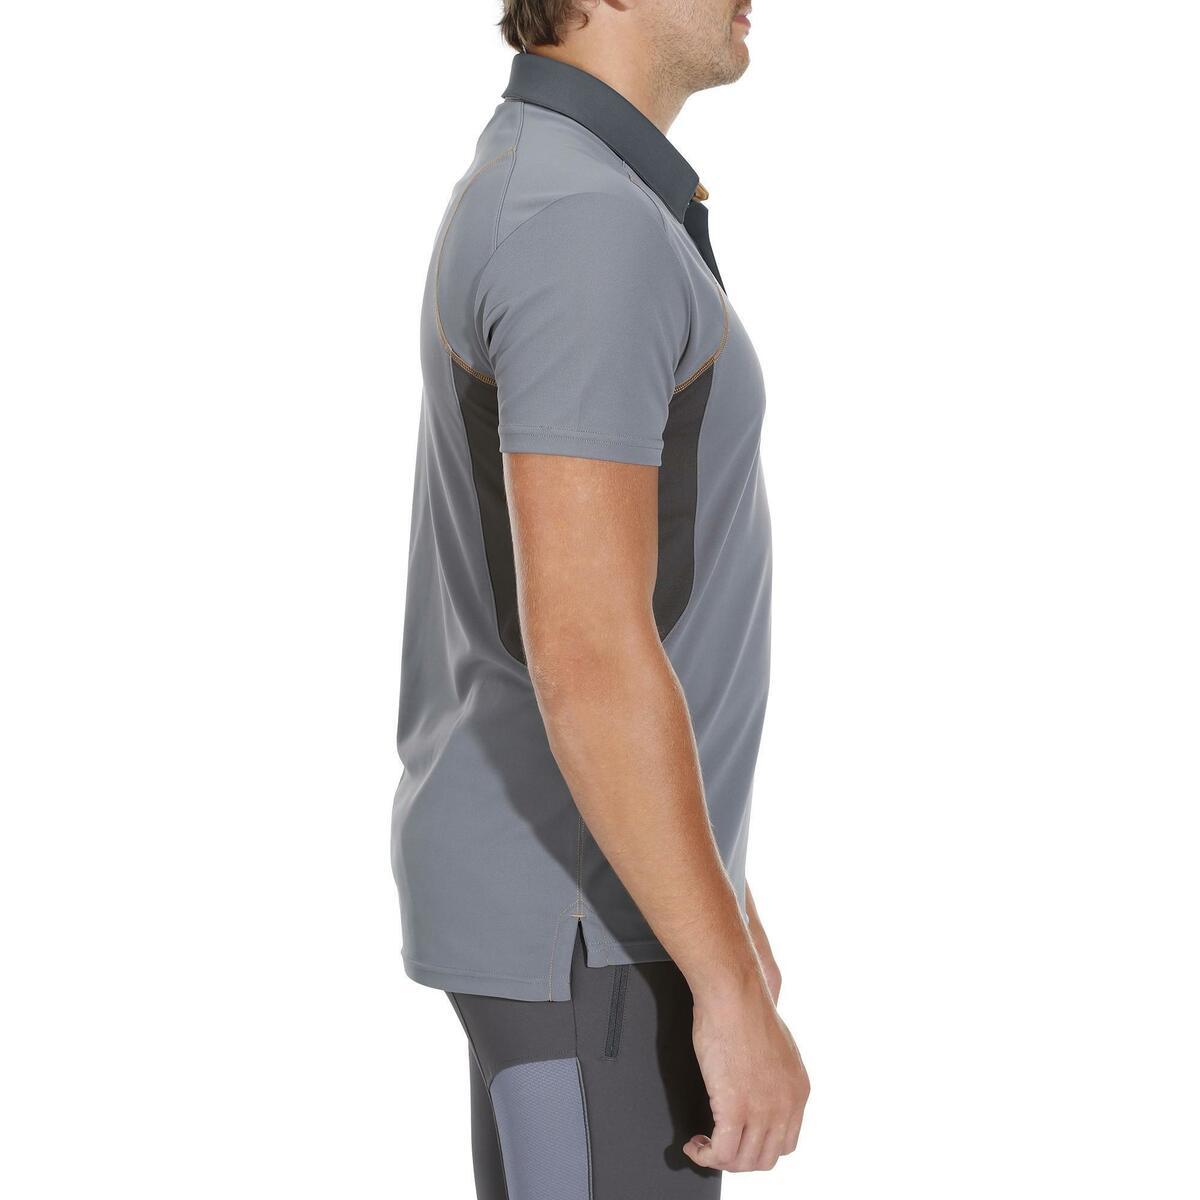 Bild 3 von Reit-Poloshirt 500 Mesh Herren grau/beige